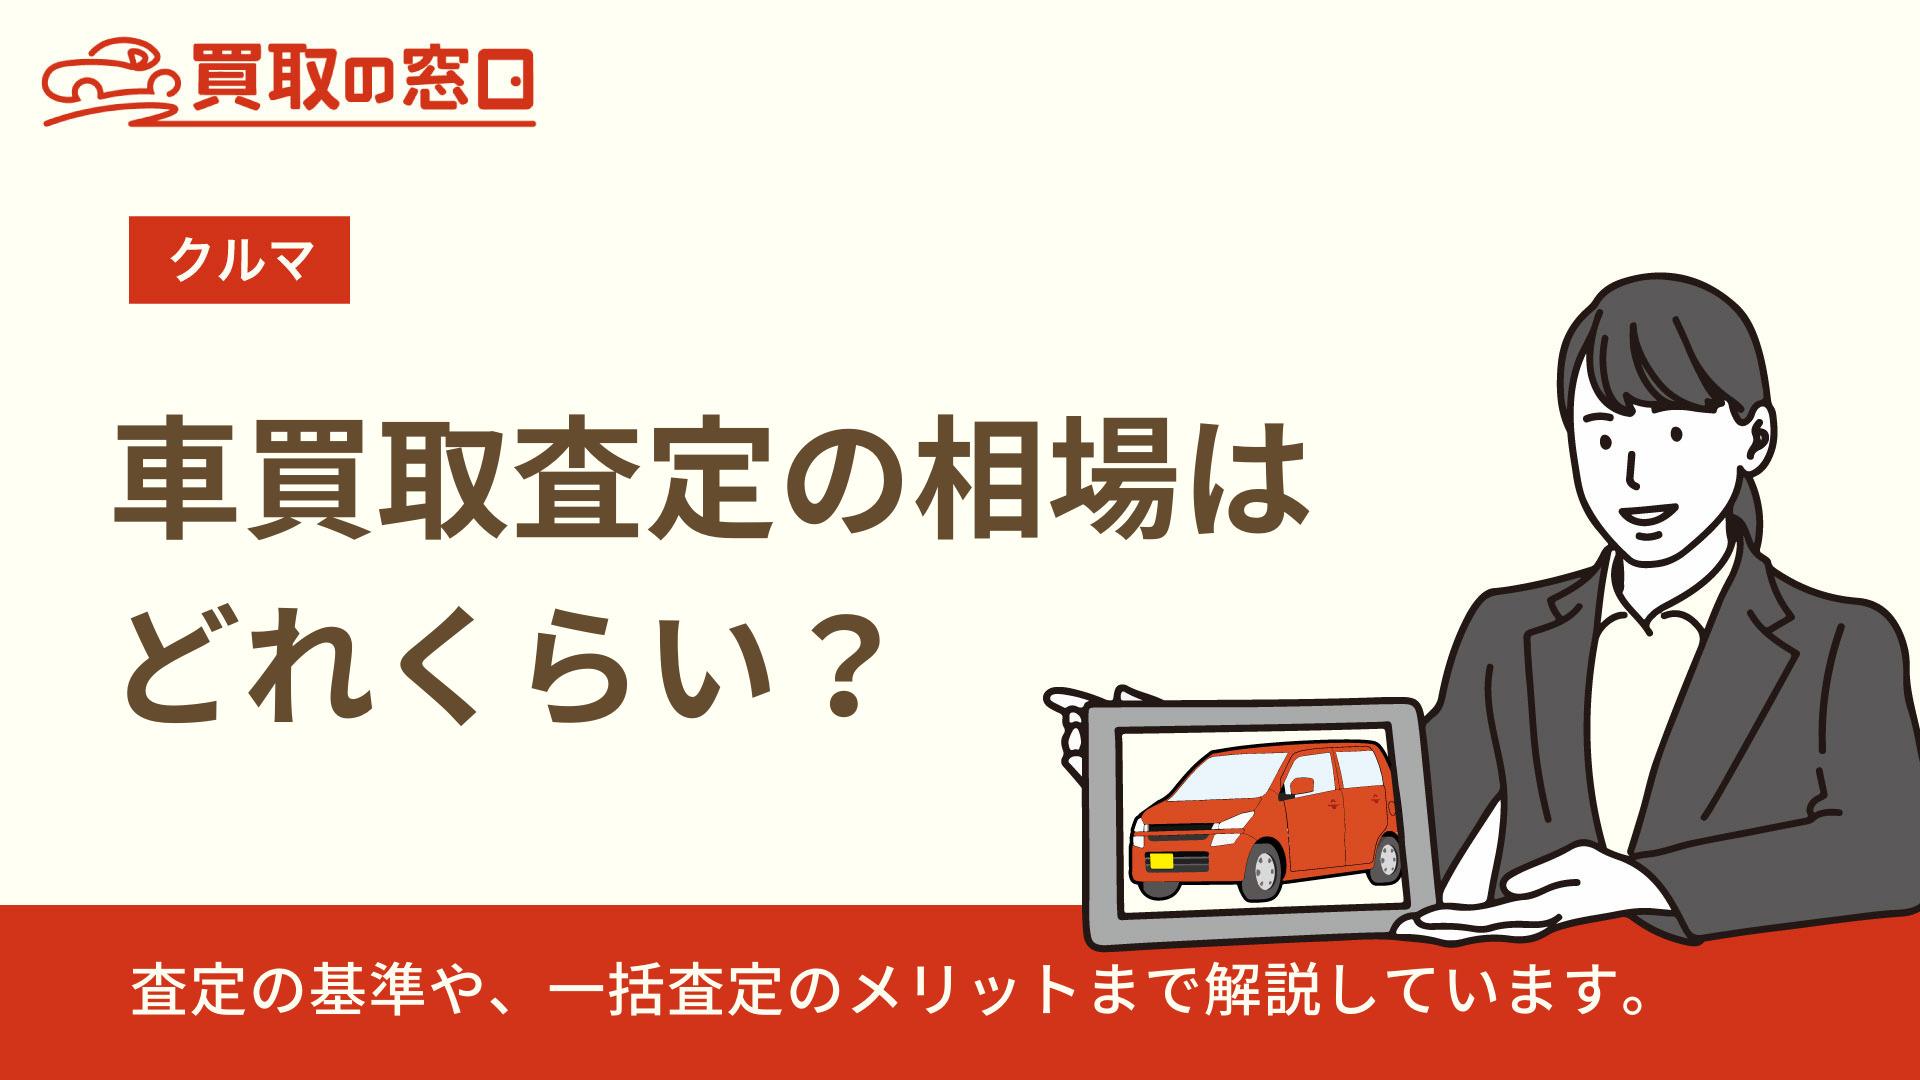 車買取査定の相場は?査定の基準や一括査定のメリットまで解説!